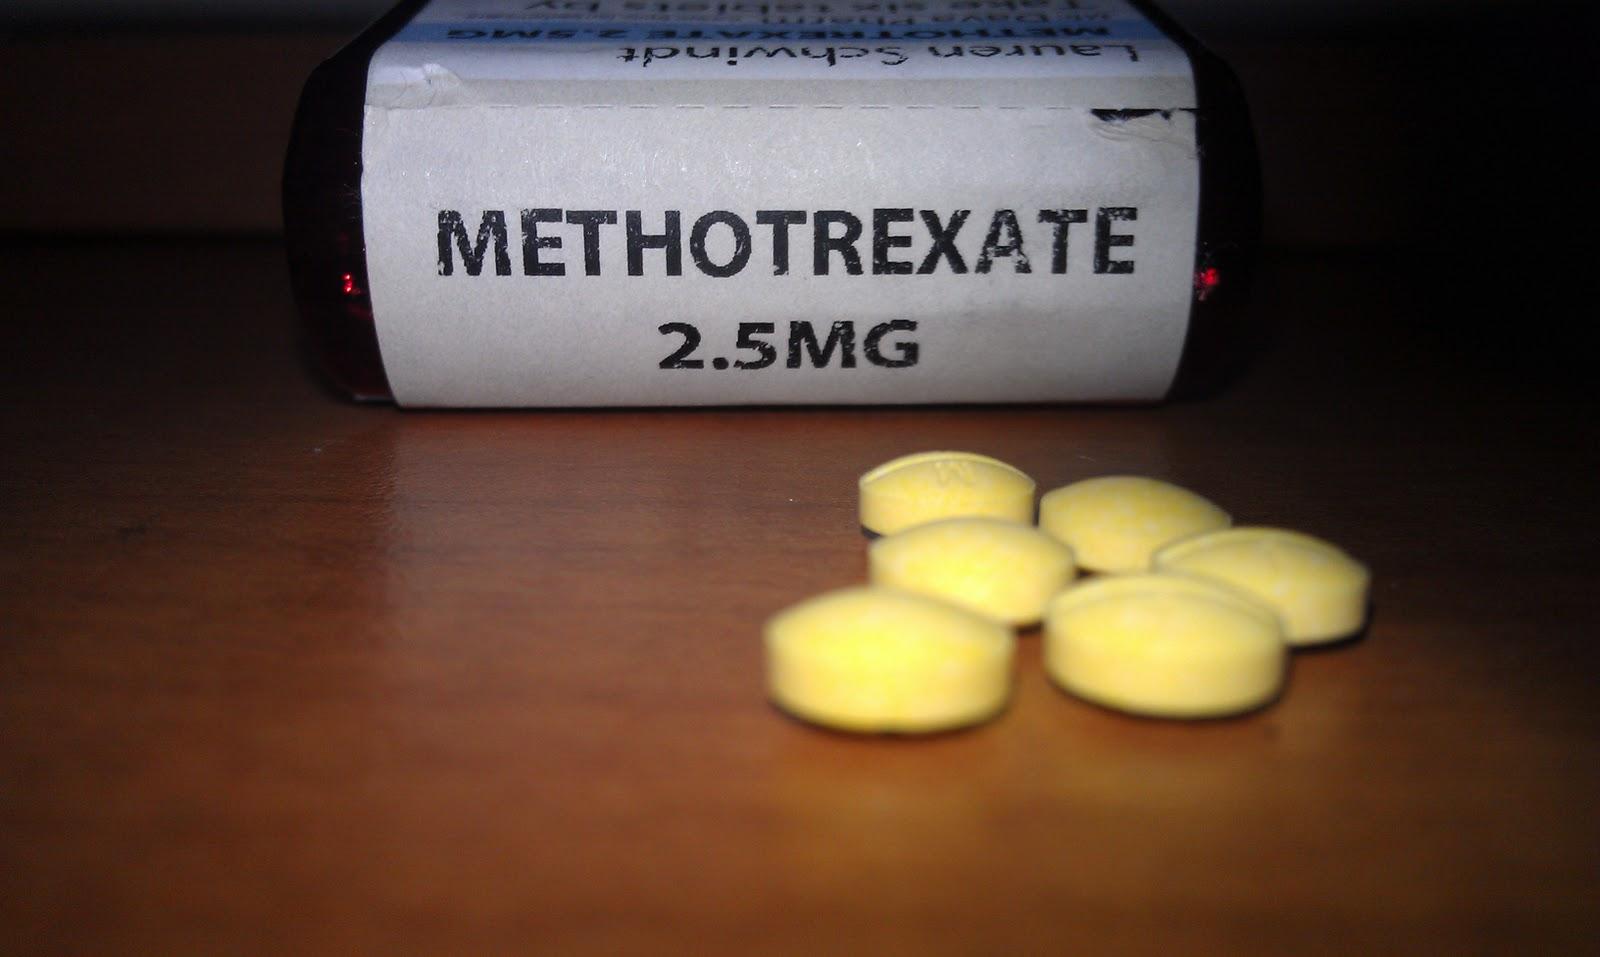 передозировка, ревматоидный артрит, Medical Journal of Australia